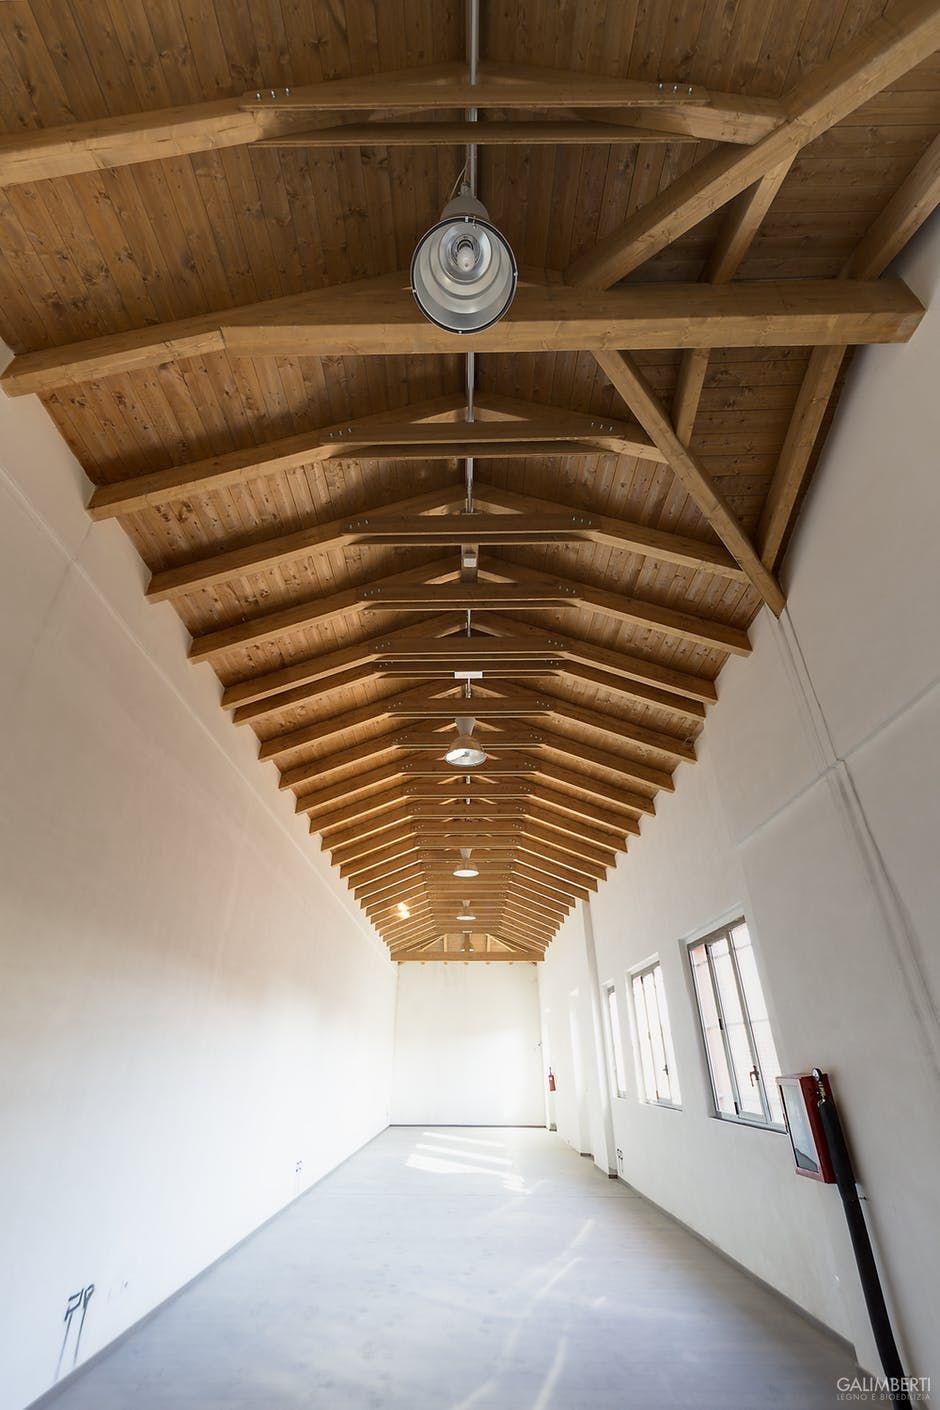 Progetto Capriata In Legno copertura salone con capriate in legno galimberti legno e